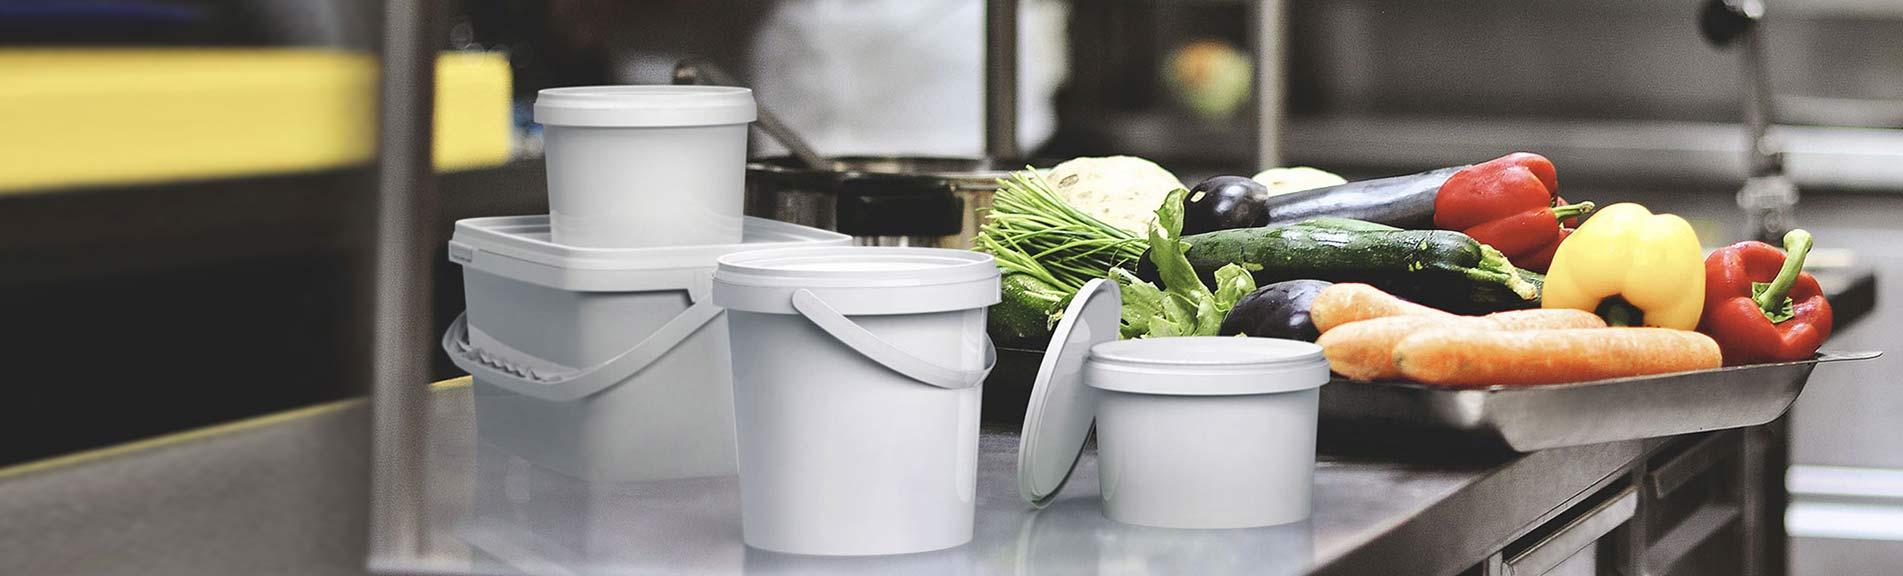 Wiadra i opakowania plastikowe w pobliżu warzyw